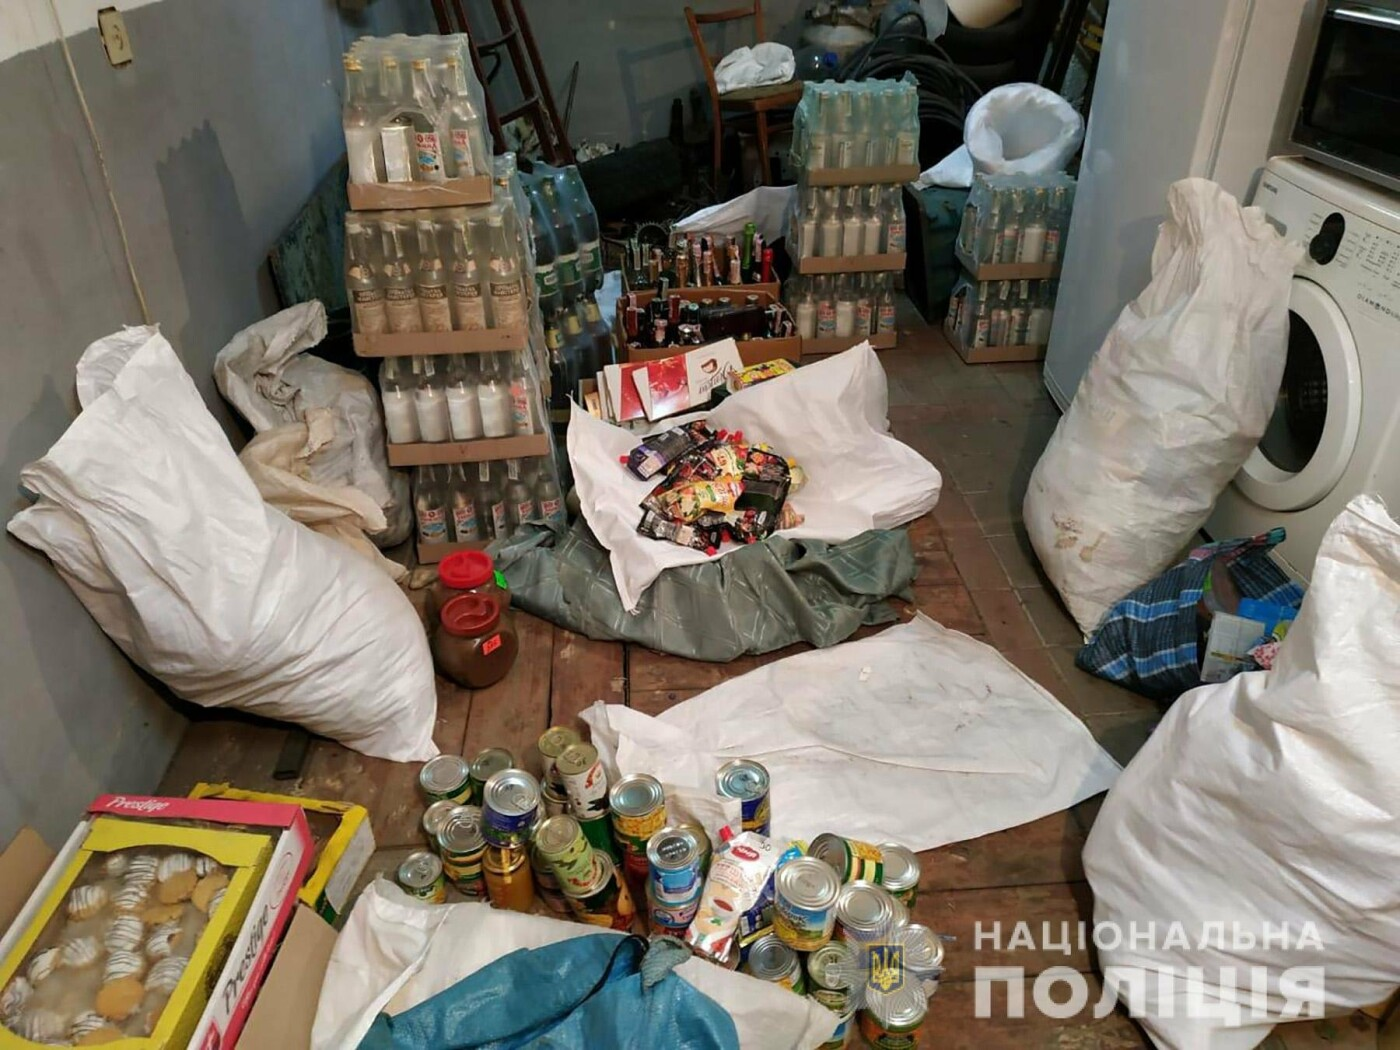 Мелитополец ограбил магазин на 100 тысяч гривен, фото-1